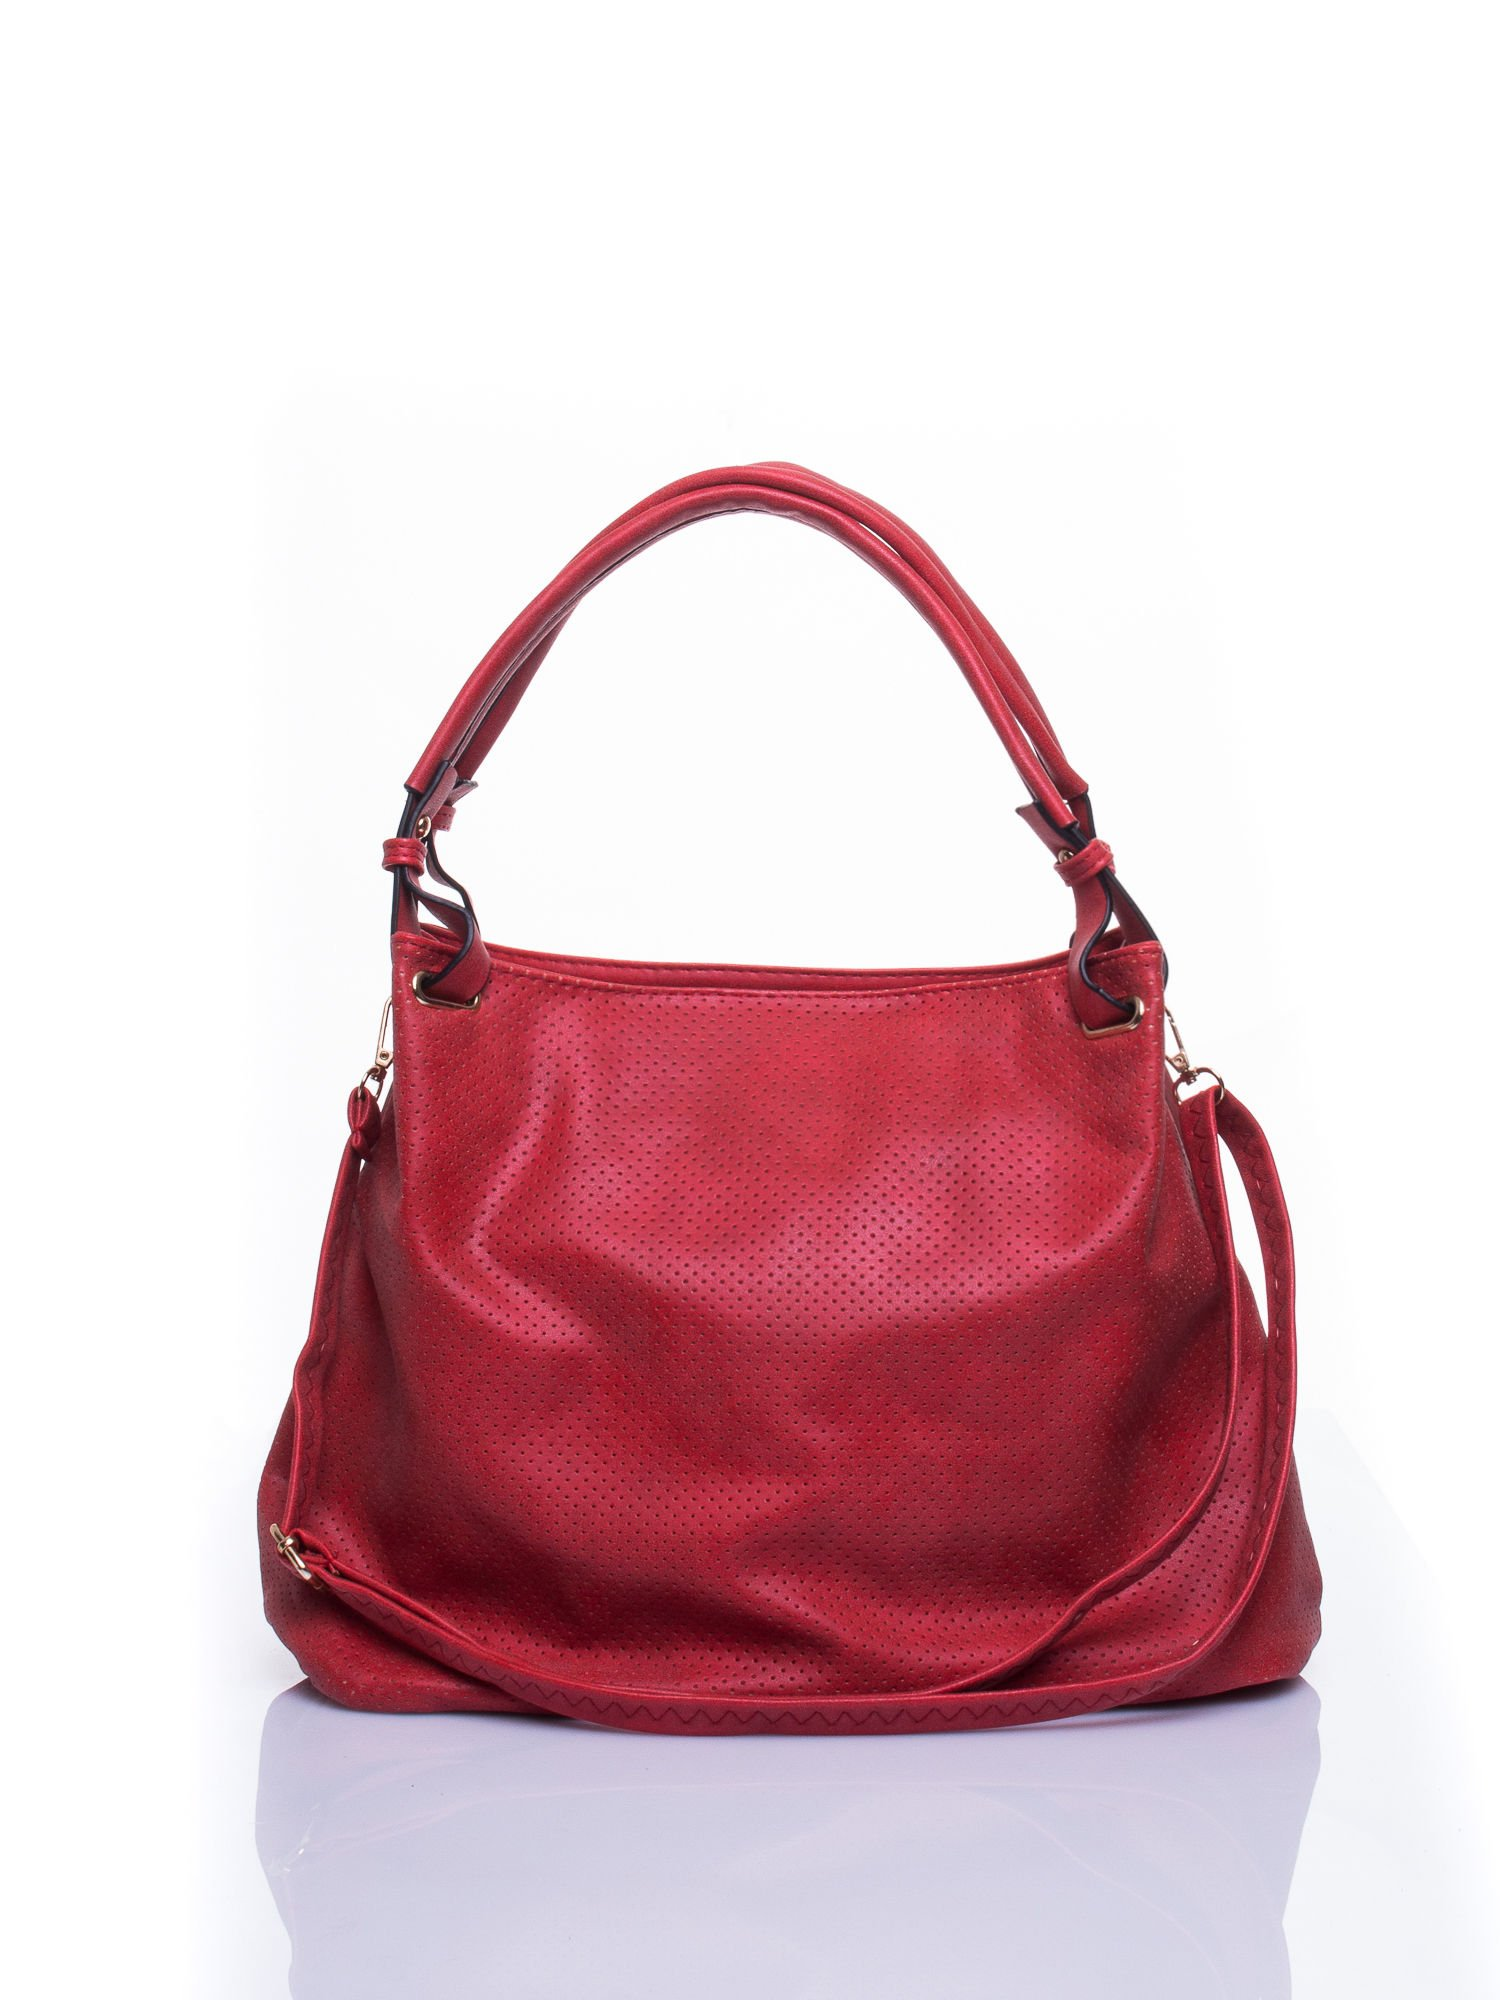 Czerwona ażurowa torba na ramię                                  zdj.                                  1